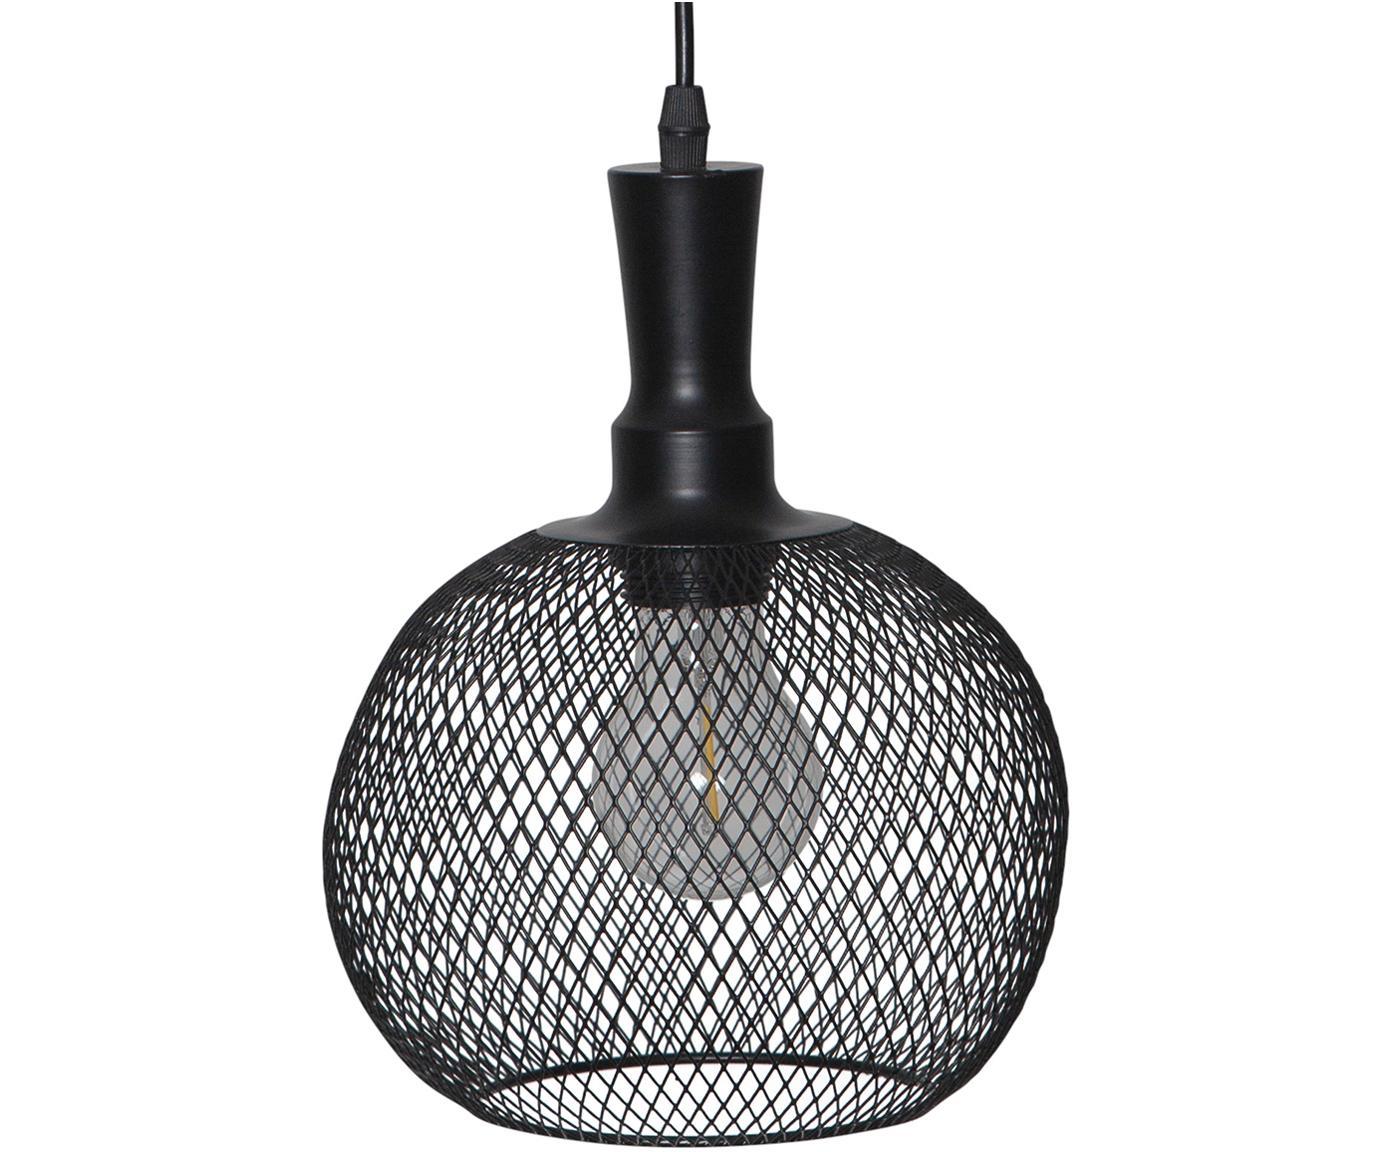 Lampada solare a LED da esterno Sunlight, Metallo, materiale sintetico, Nero, Ø 19 x Alt. 24 cm